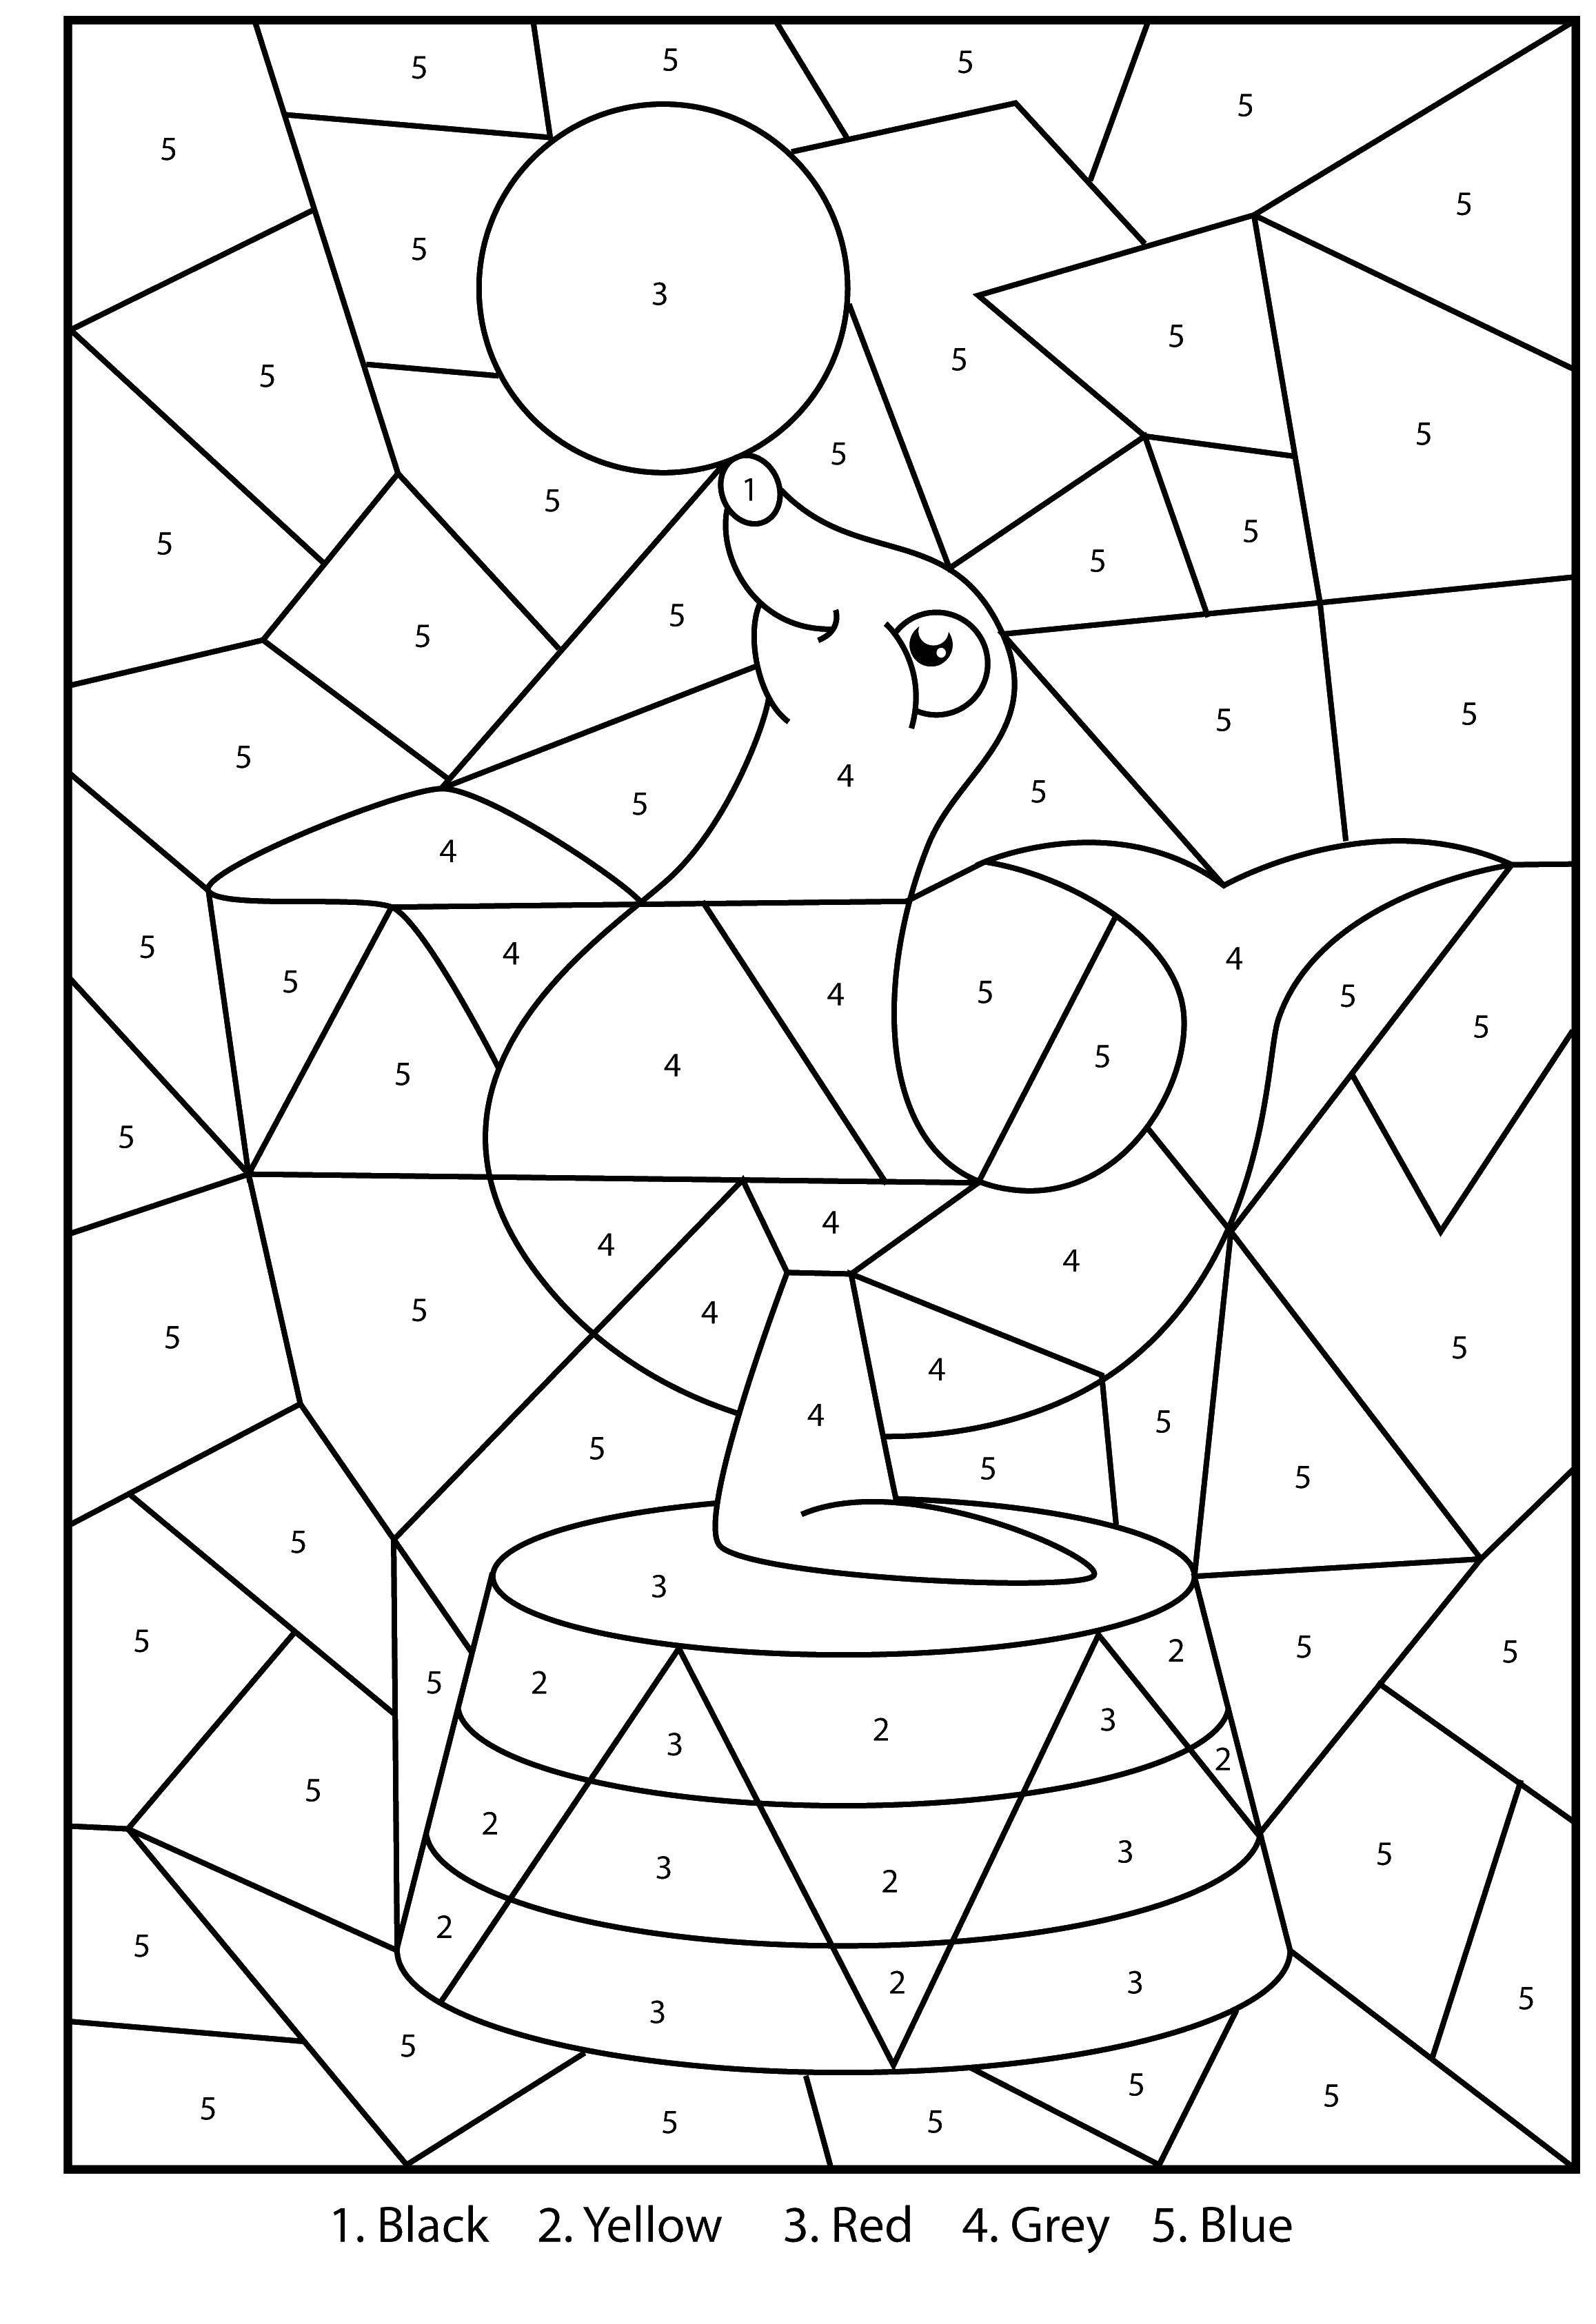 Название: Раскраска Тюлень с мячом. Категория: По номерам. Теги: тюлень, мяч, цирк.